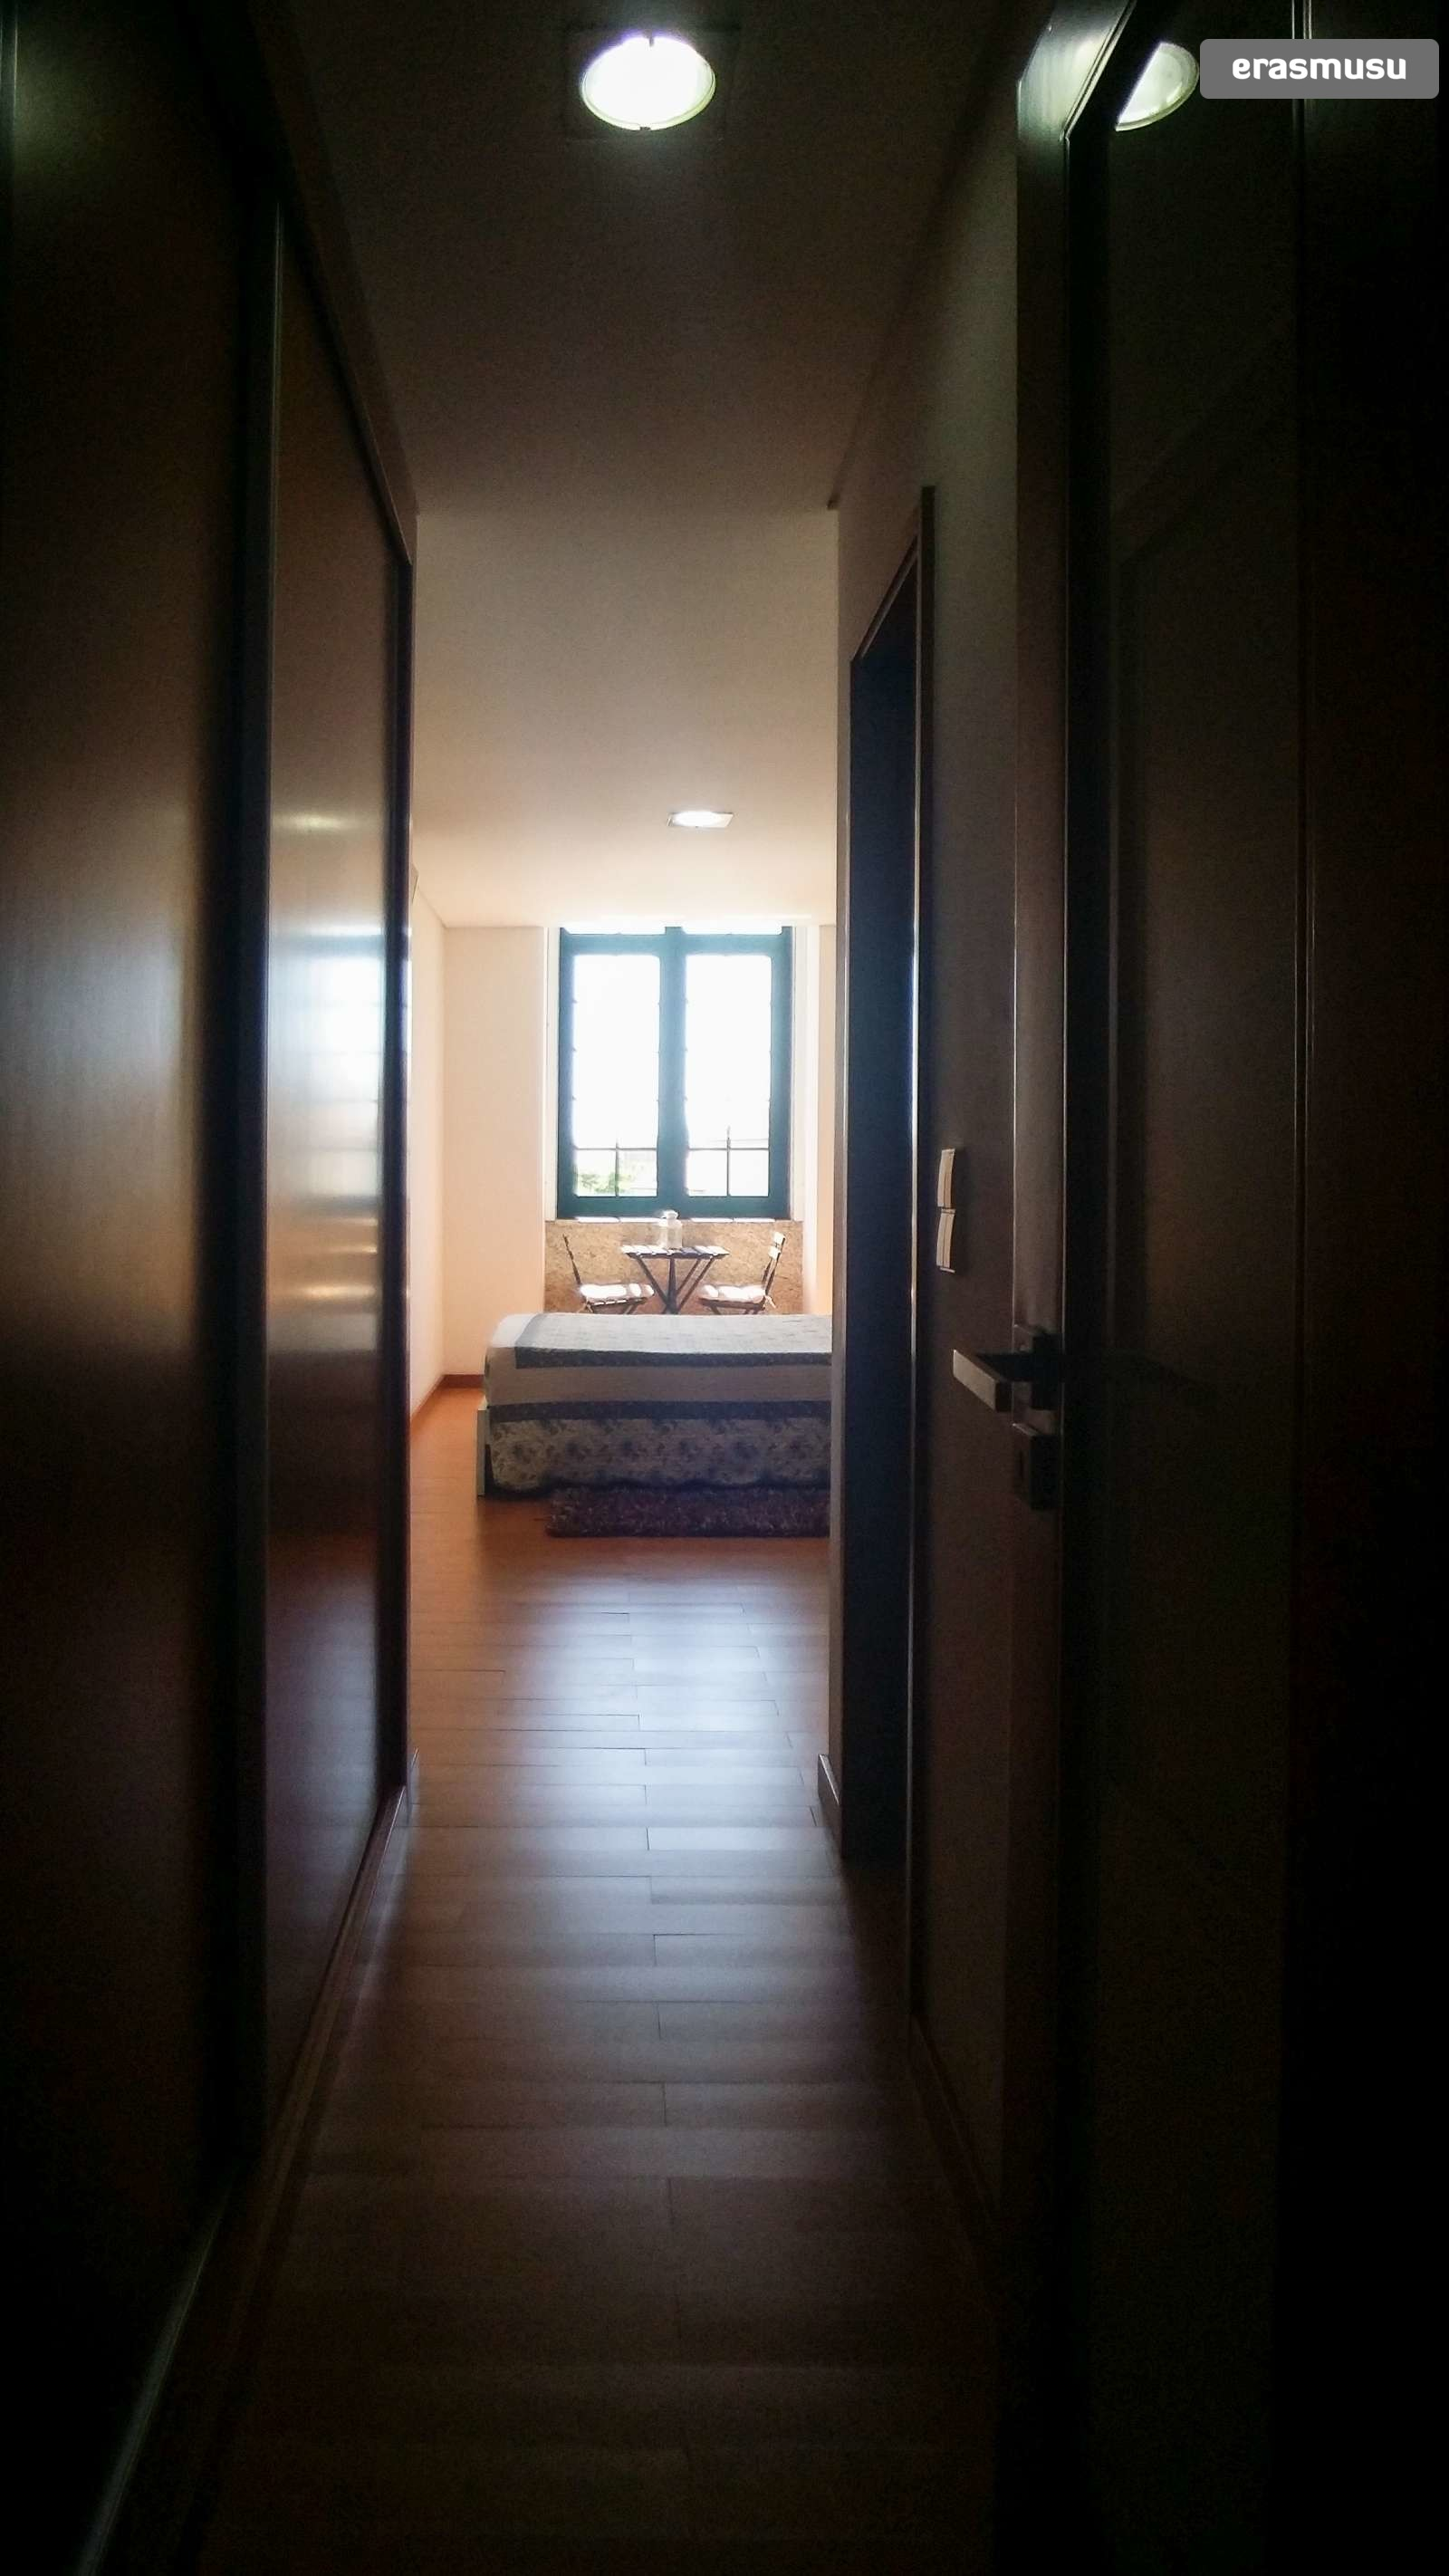 bright-studio-apartment-rent-cedofeita-9e3bd0c97e28746bd982be07e